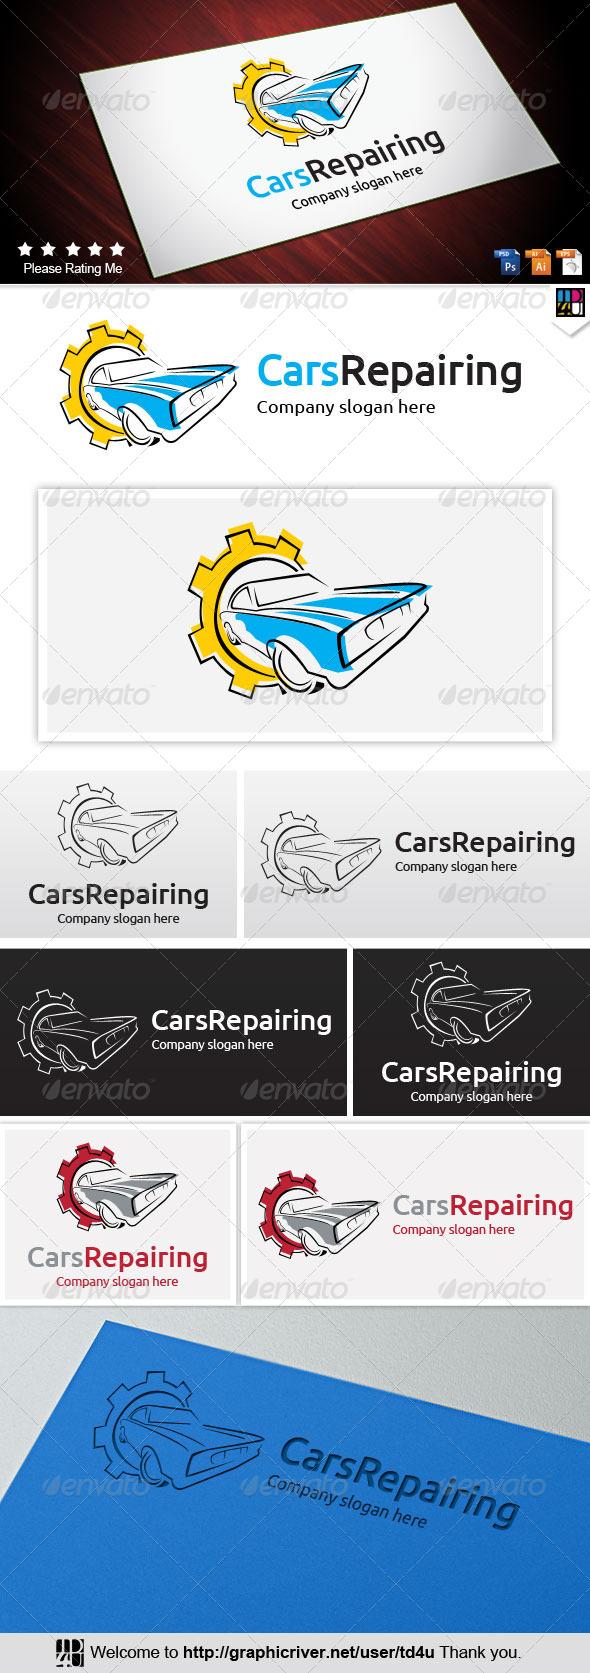 Cars Repairing